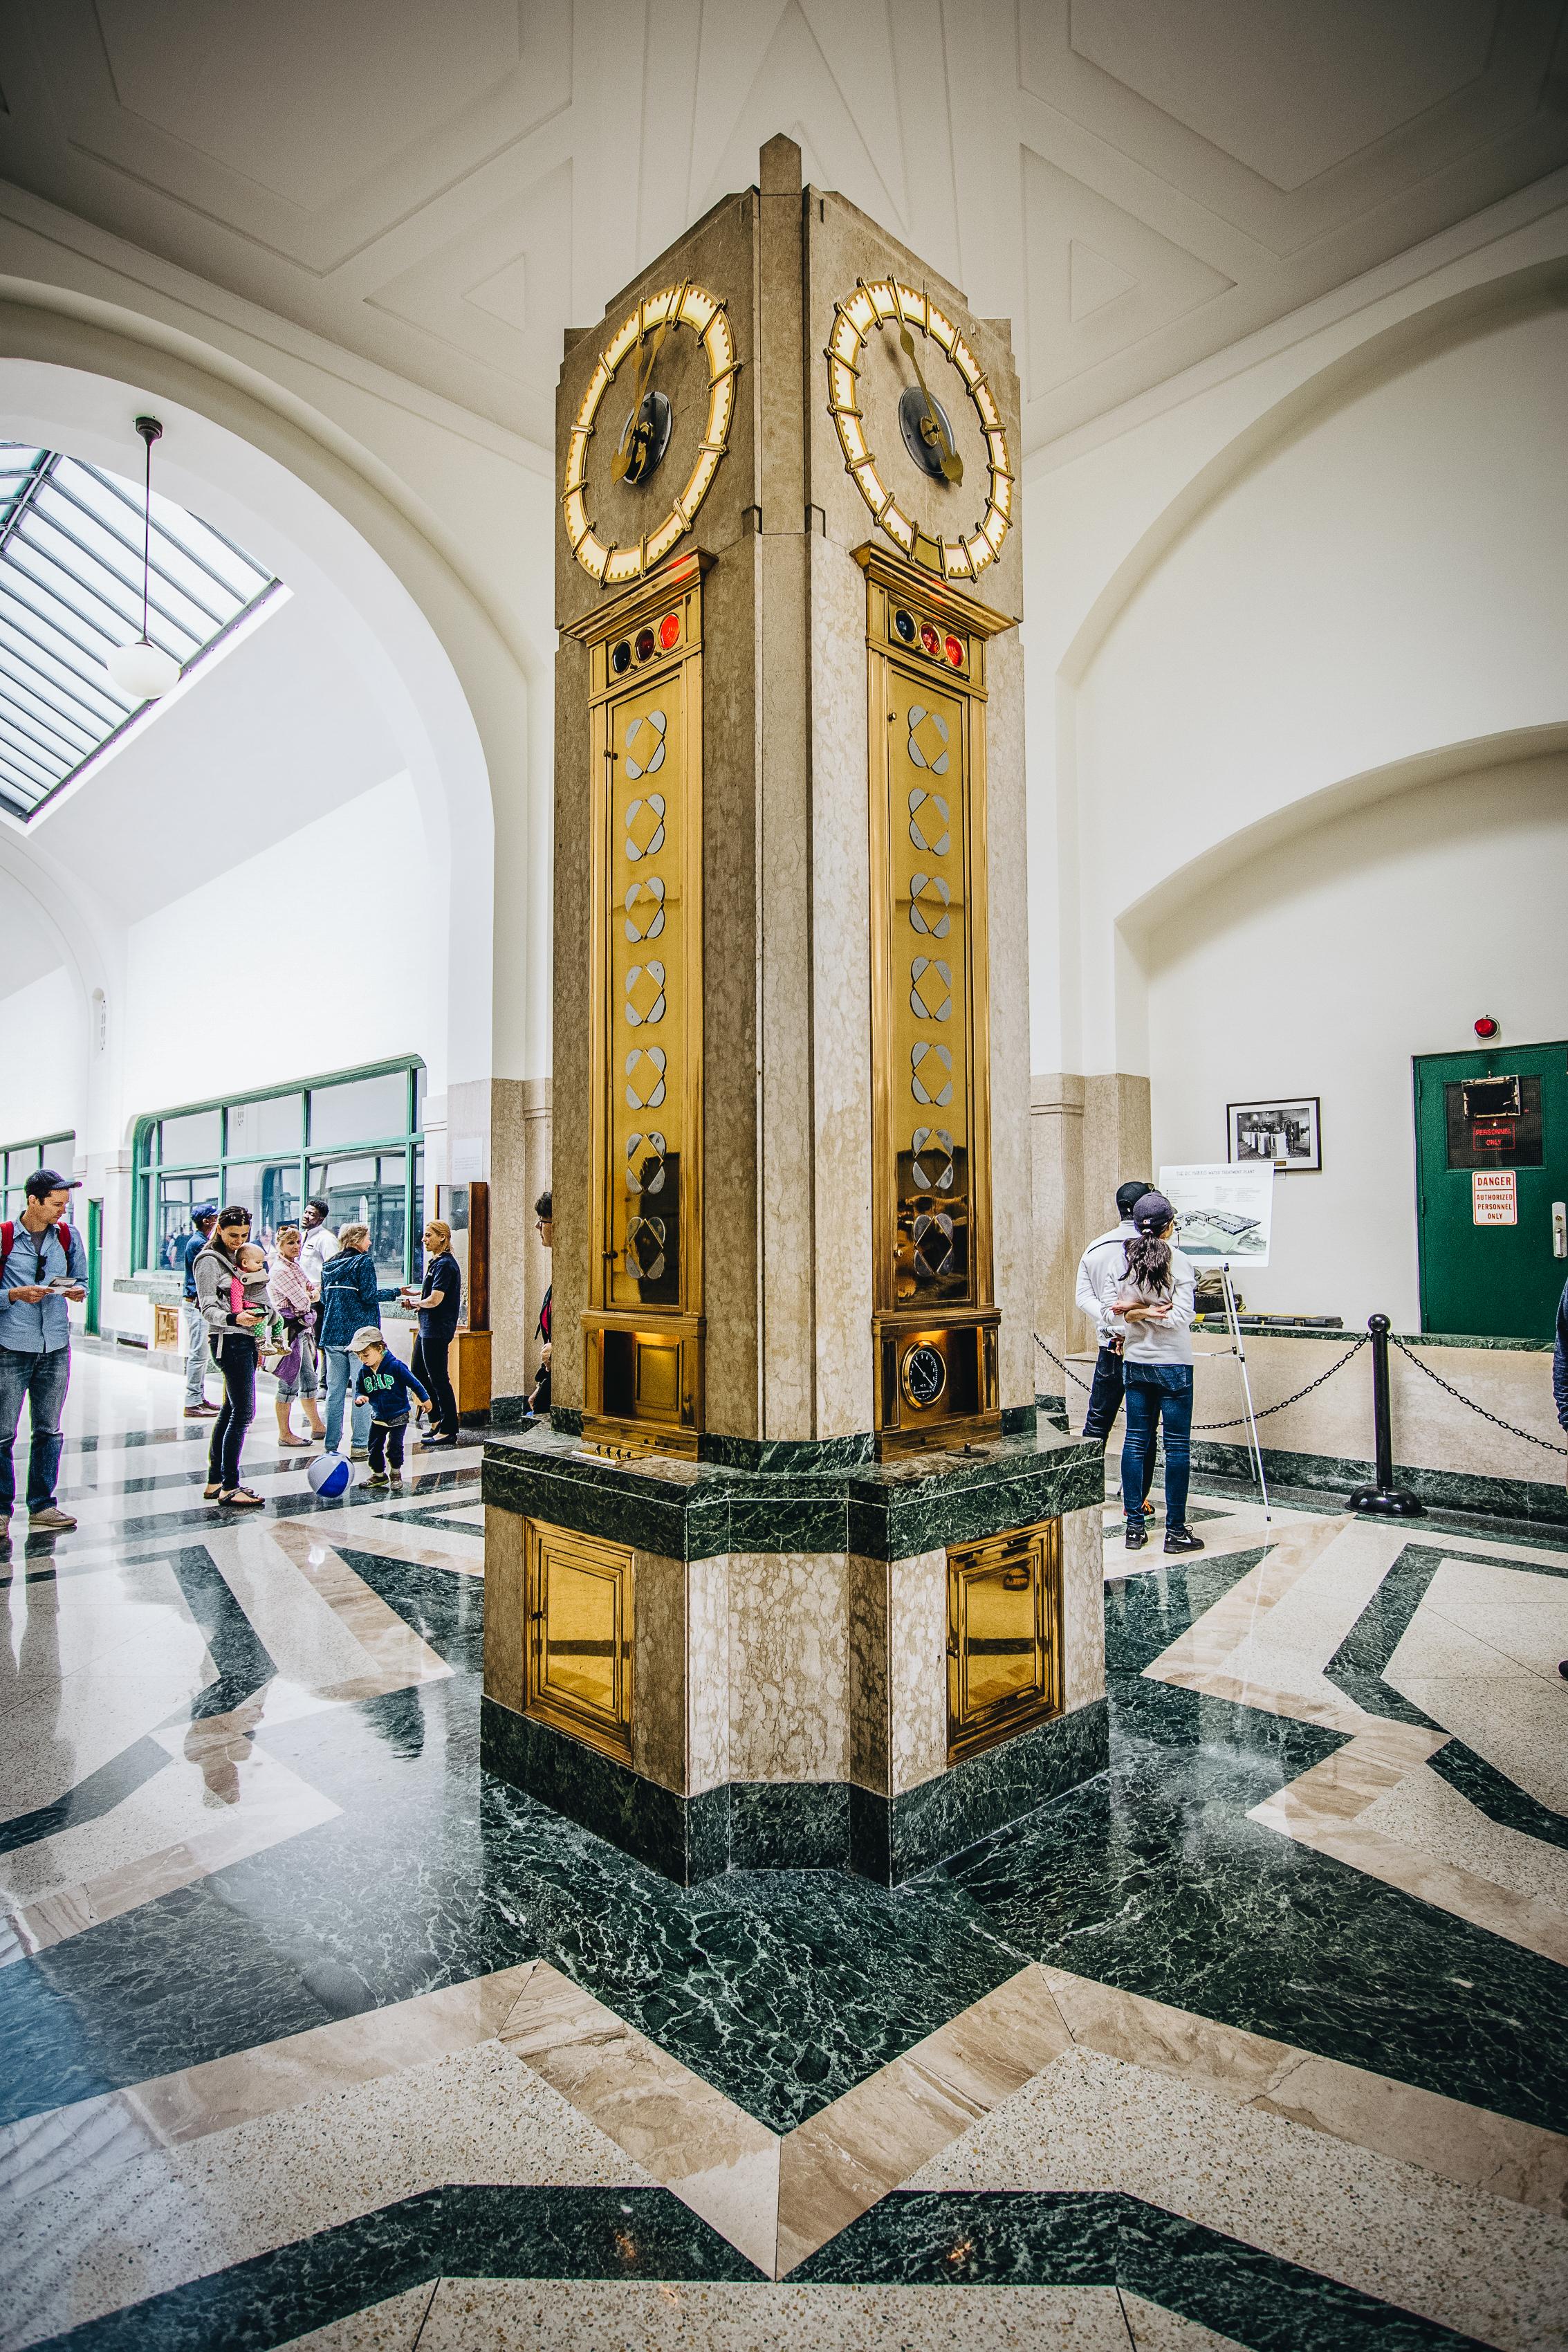 The clock in the main atrium of RC Harris.